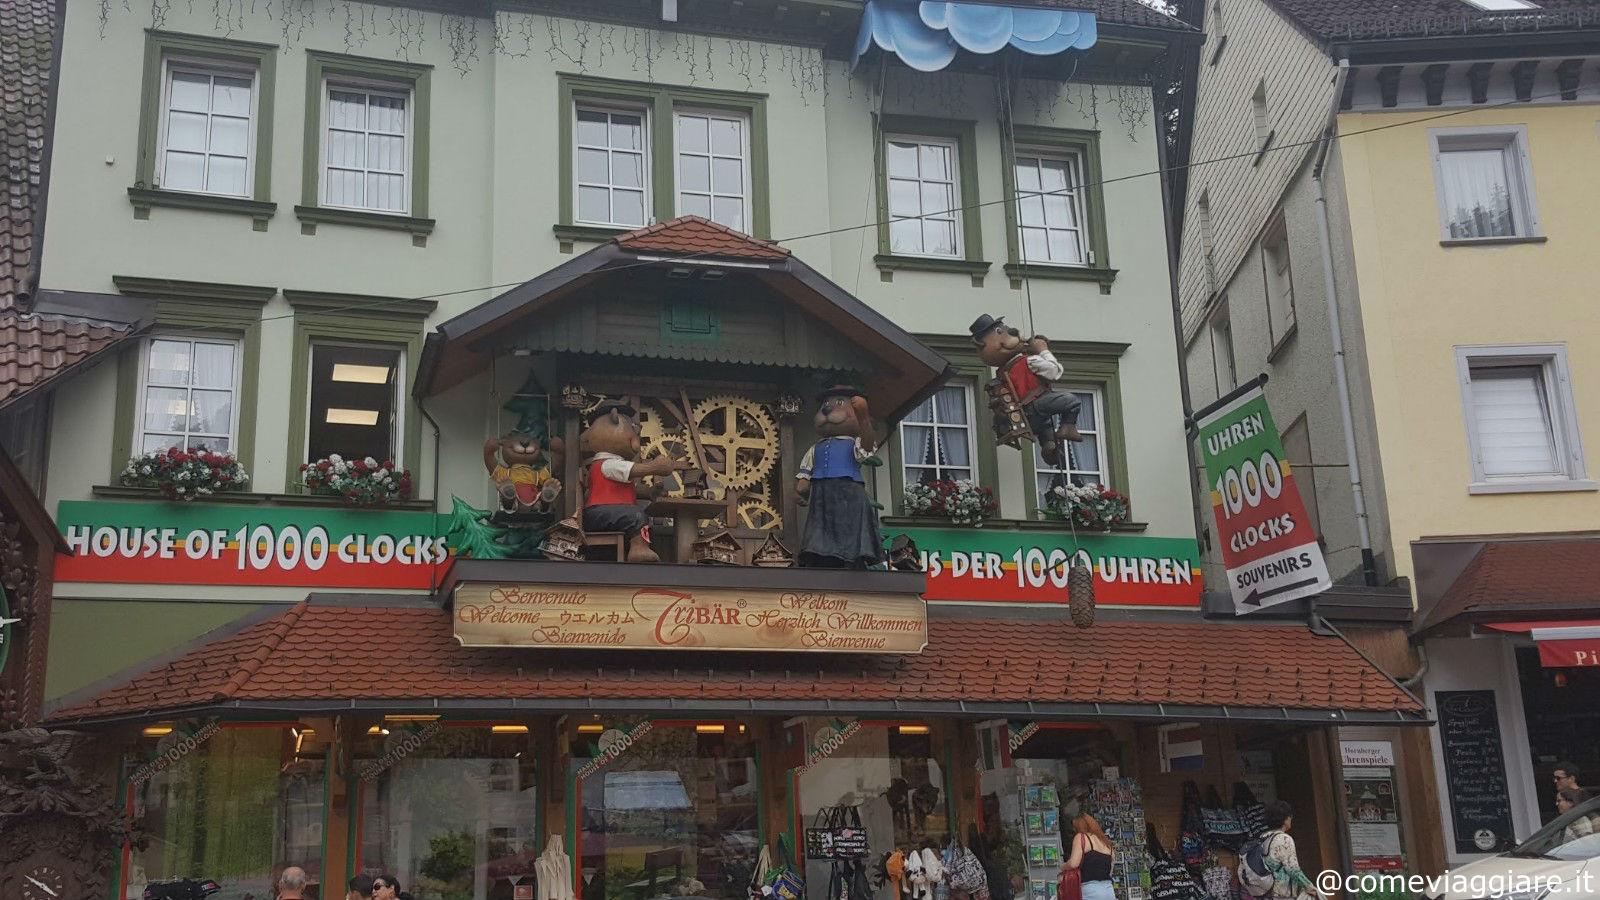 triberg-primo-piano-negozio-mille-orologi-cucu